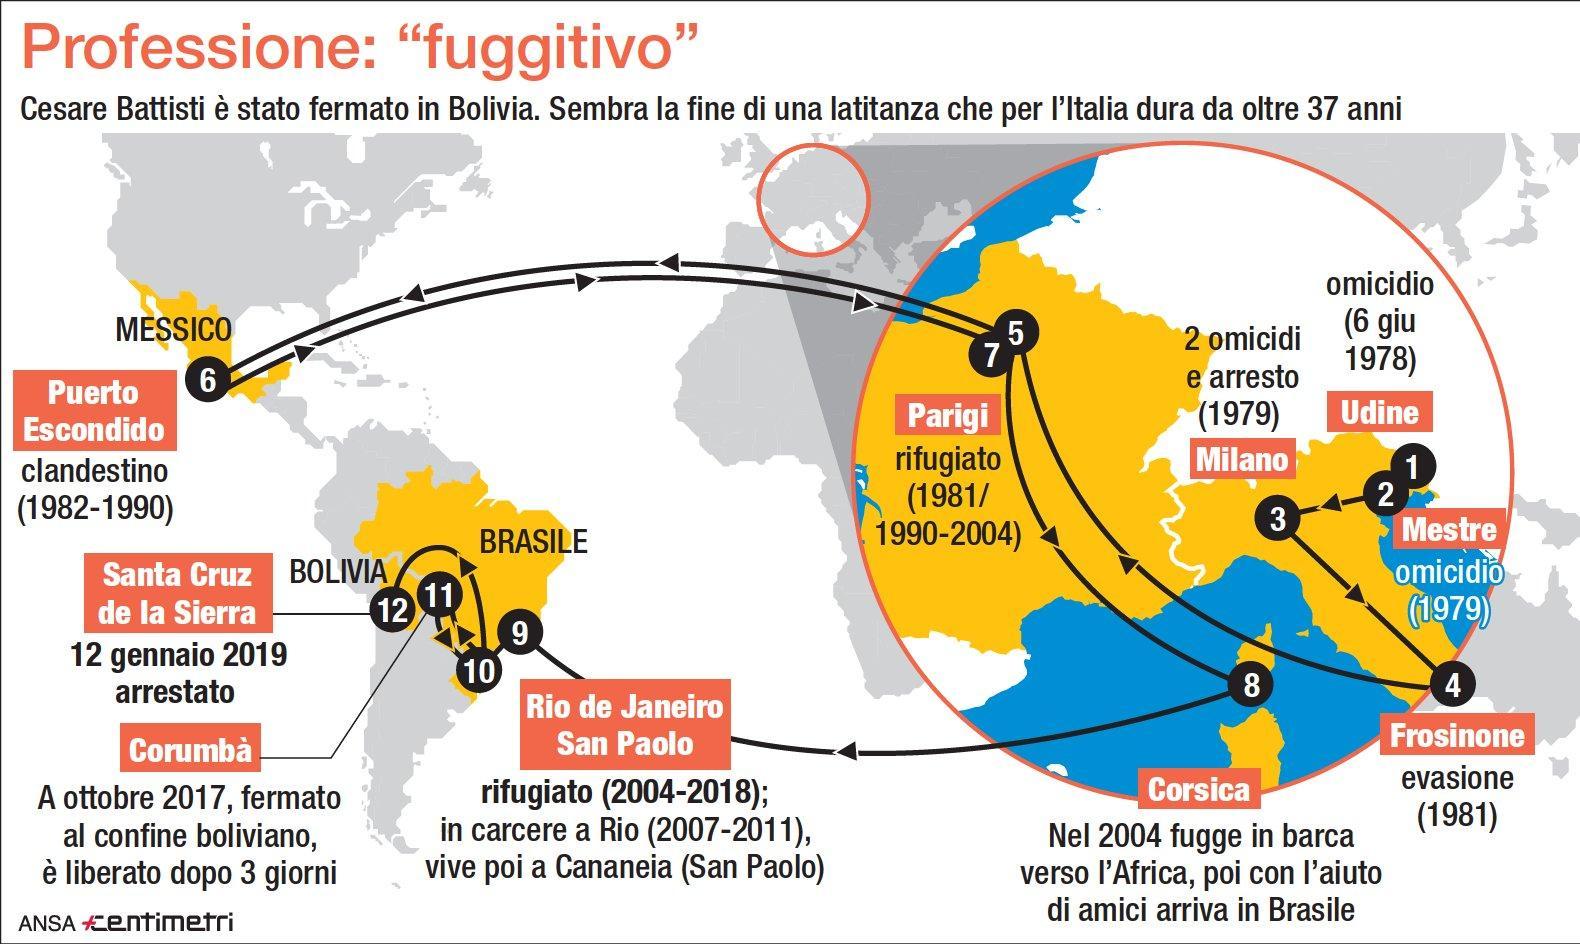 Cesare Battisti: professione fuggitivo, ecco la sua latitanza